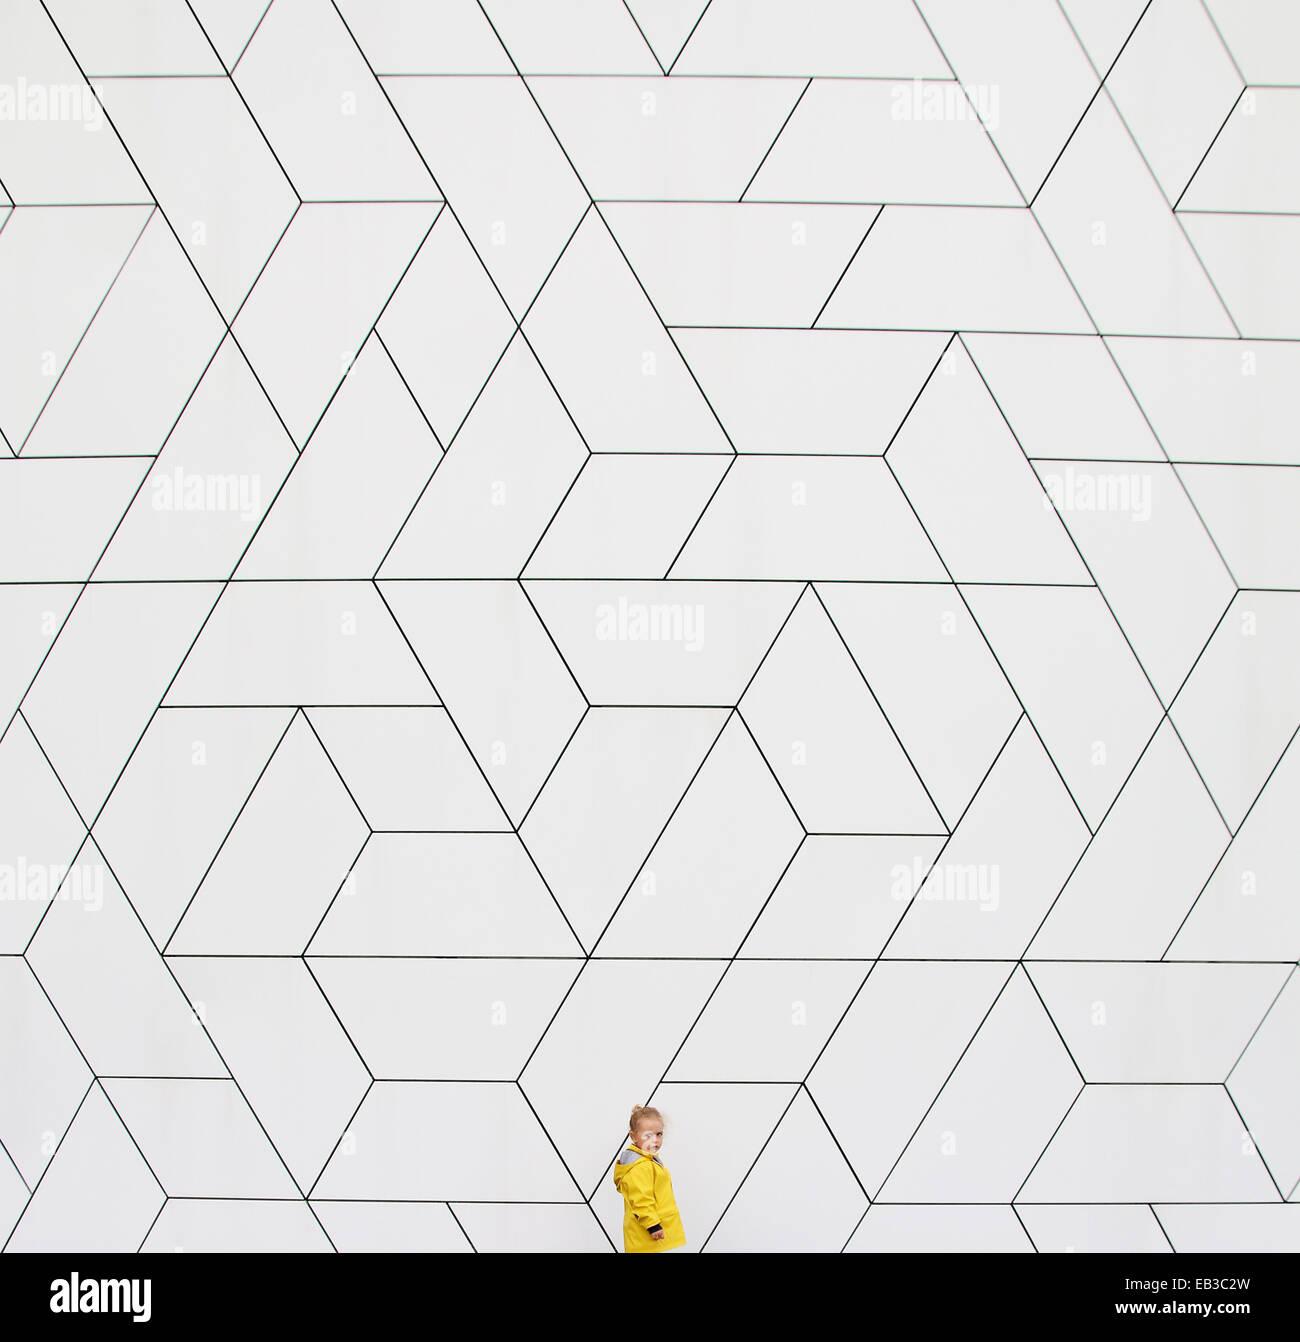 Girl (2-3) en imperméable jaune contre mur blanc Photo Stock